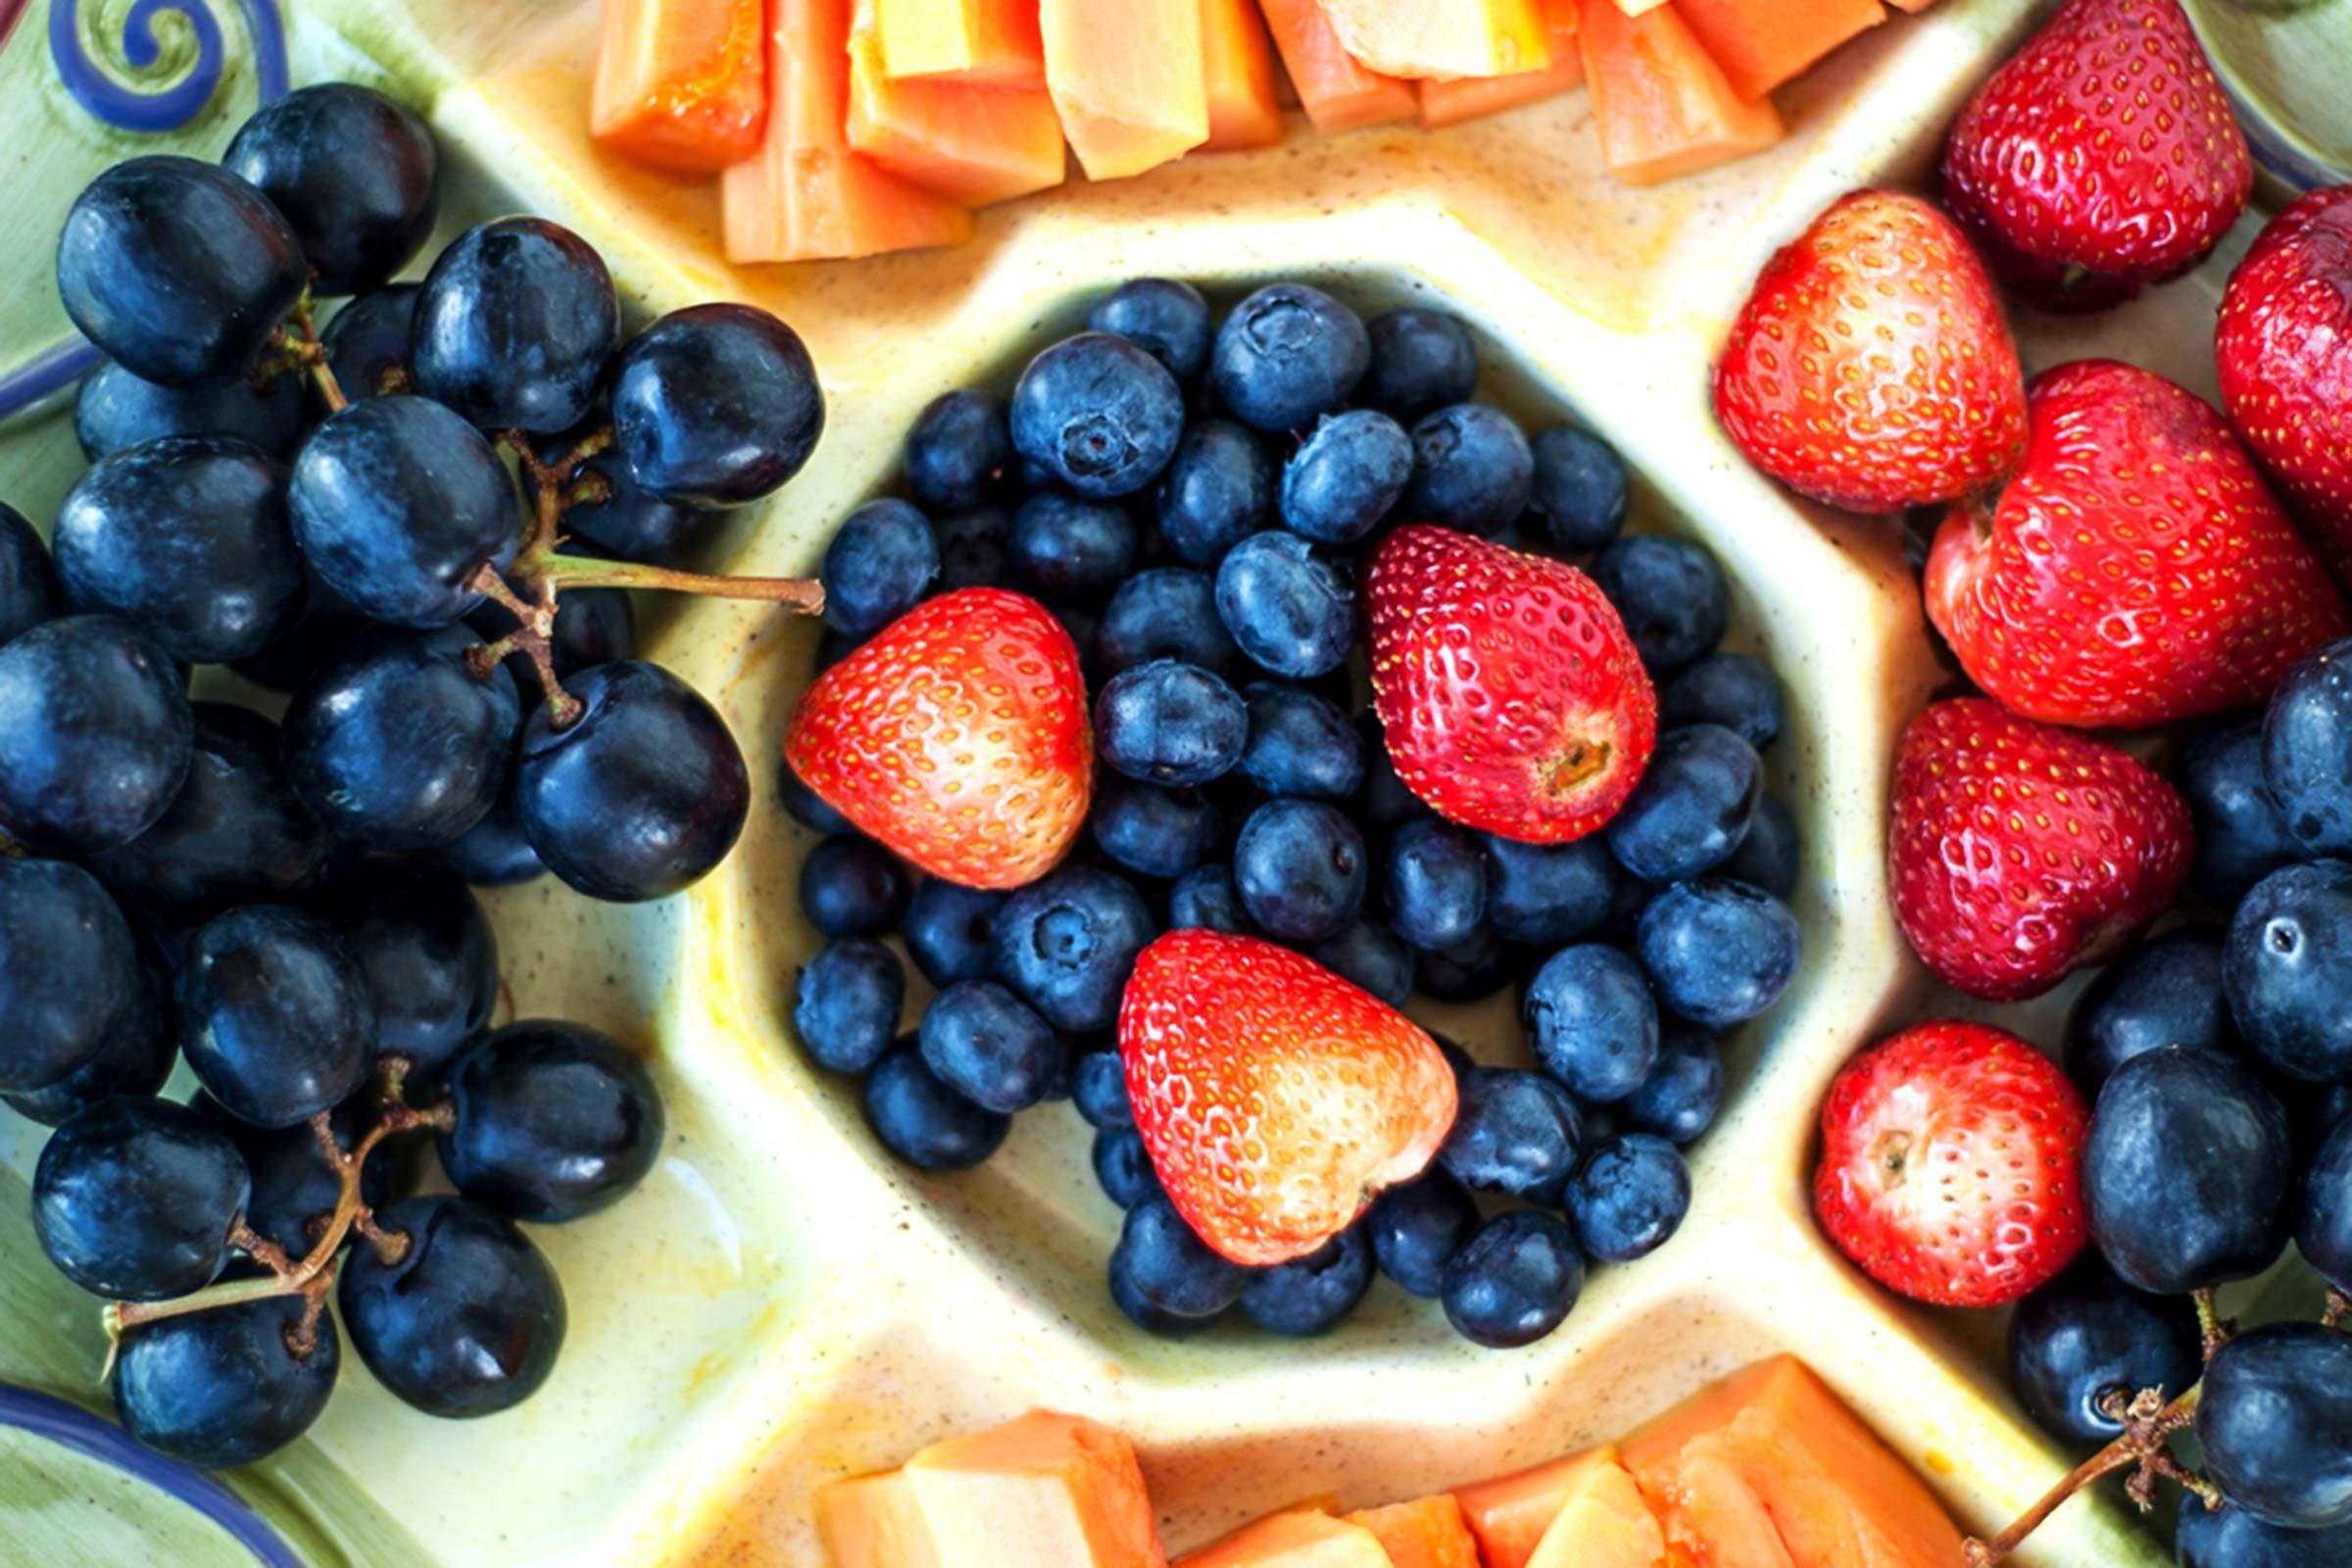 Mangez des fruits et légumes